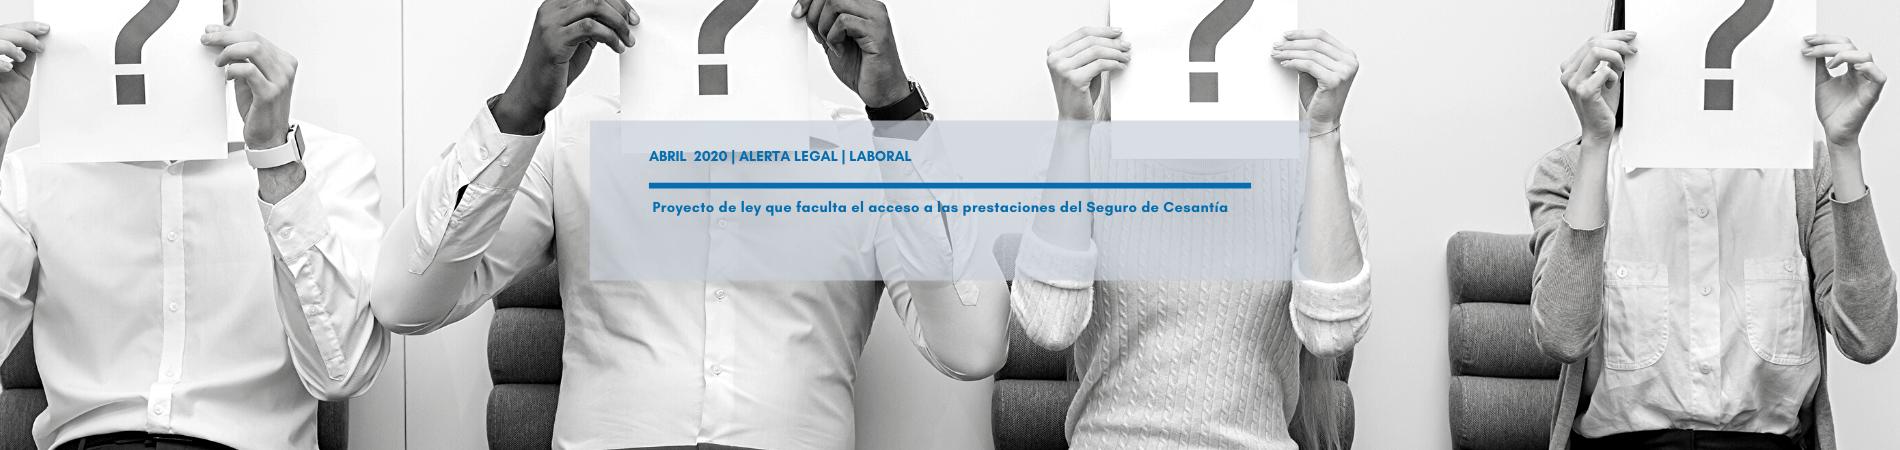 Alerta Legal Laboral |Proyecto de ley que faculta el acceso a las prestaciones del Seguro de Cesantía